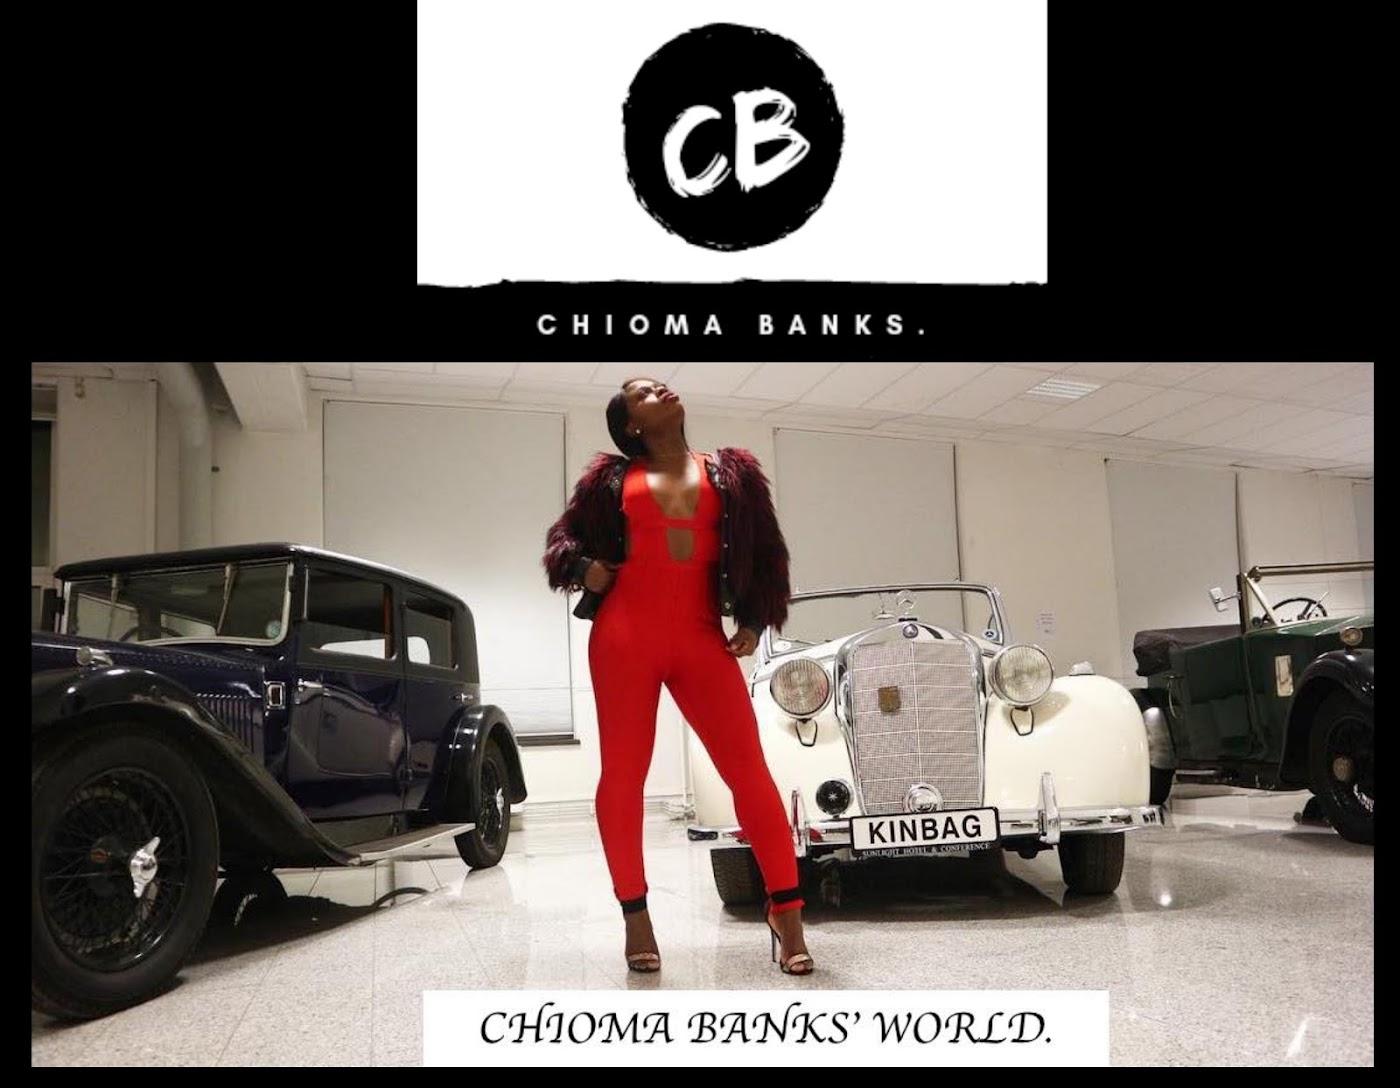 CHIOMA BANKS!